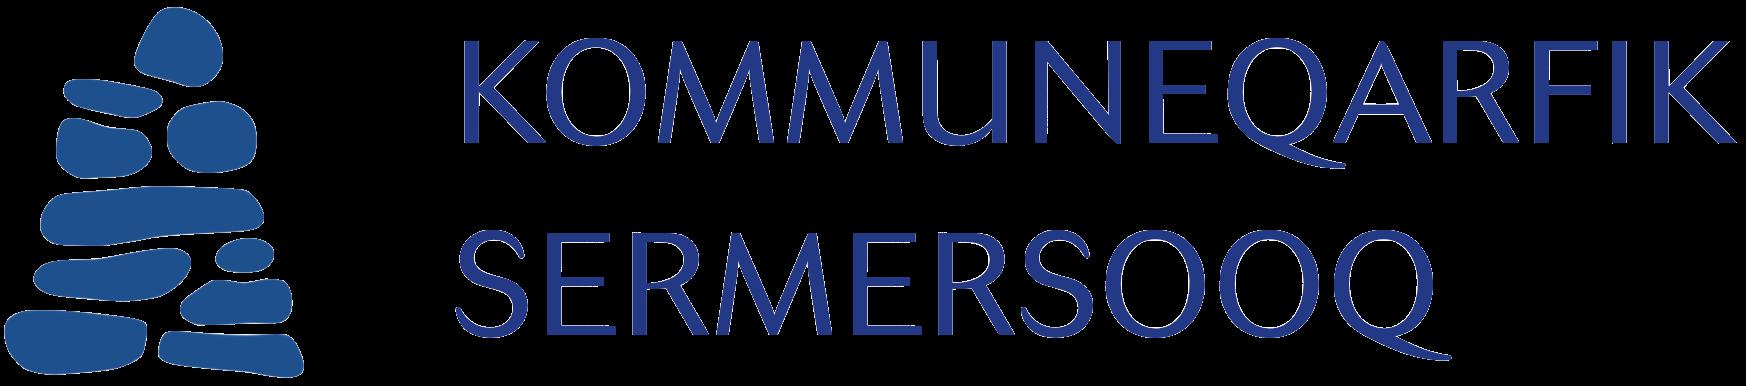 Kommuneqarfik Sermersooq logo